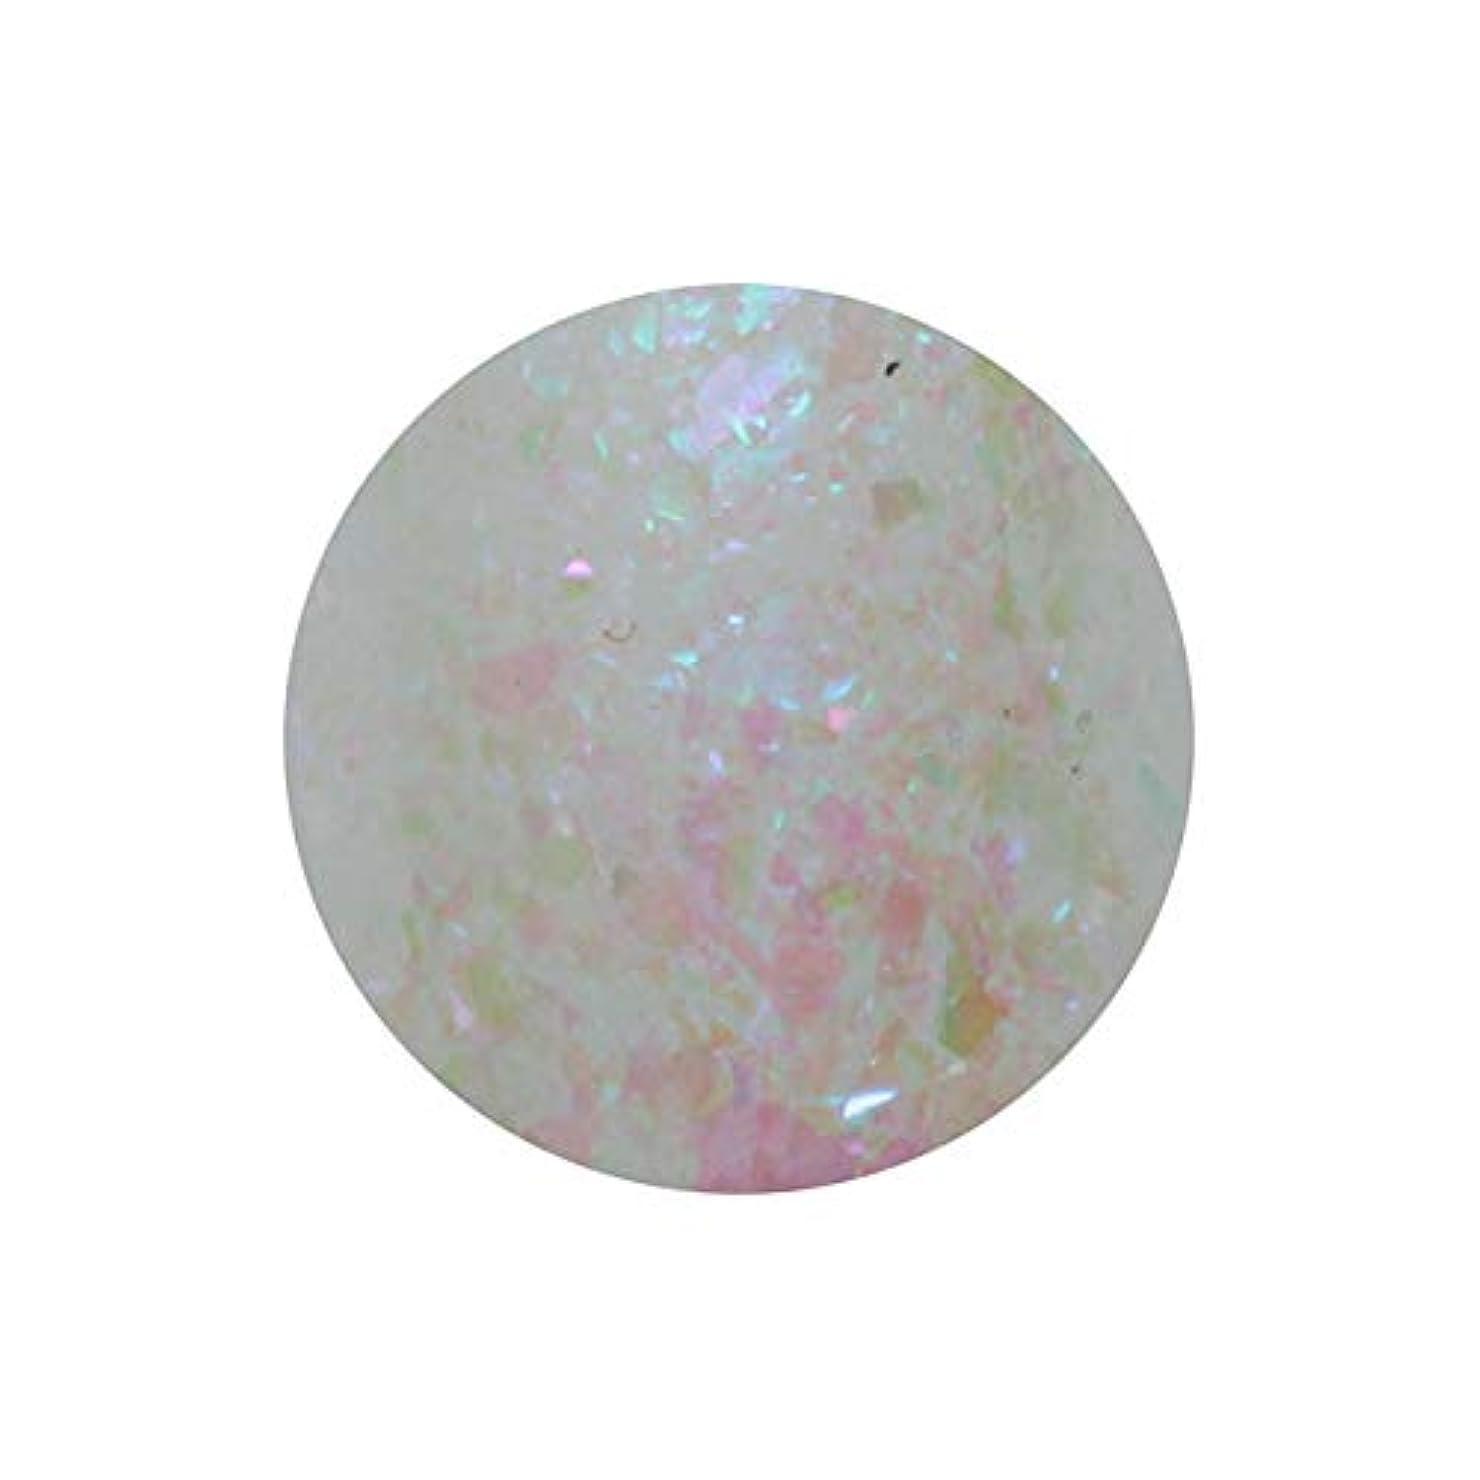 納税者計画親密な【NEW】T-GEL COLLECTION TINY T005 ホログラフィーピンク 8ml